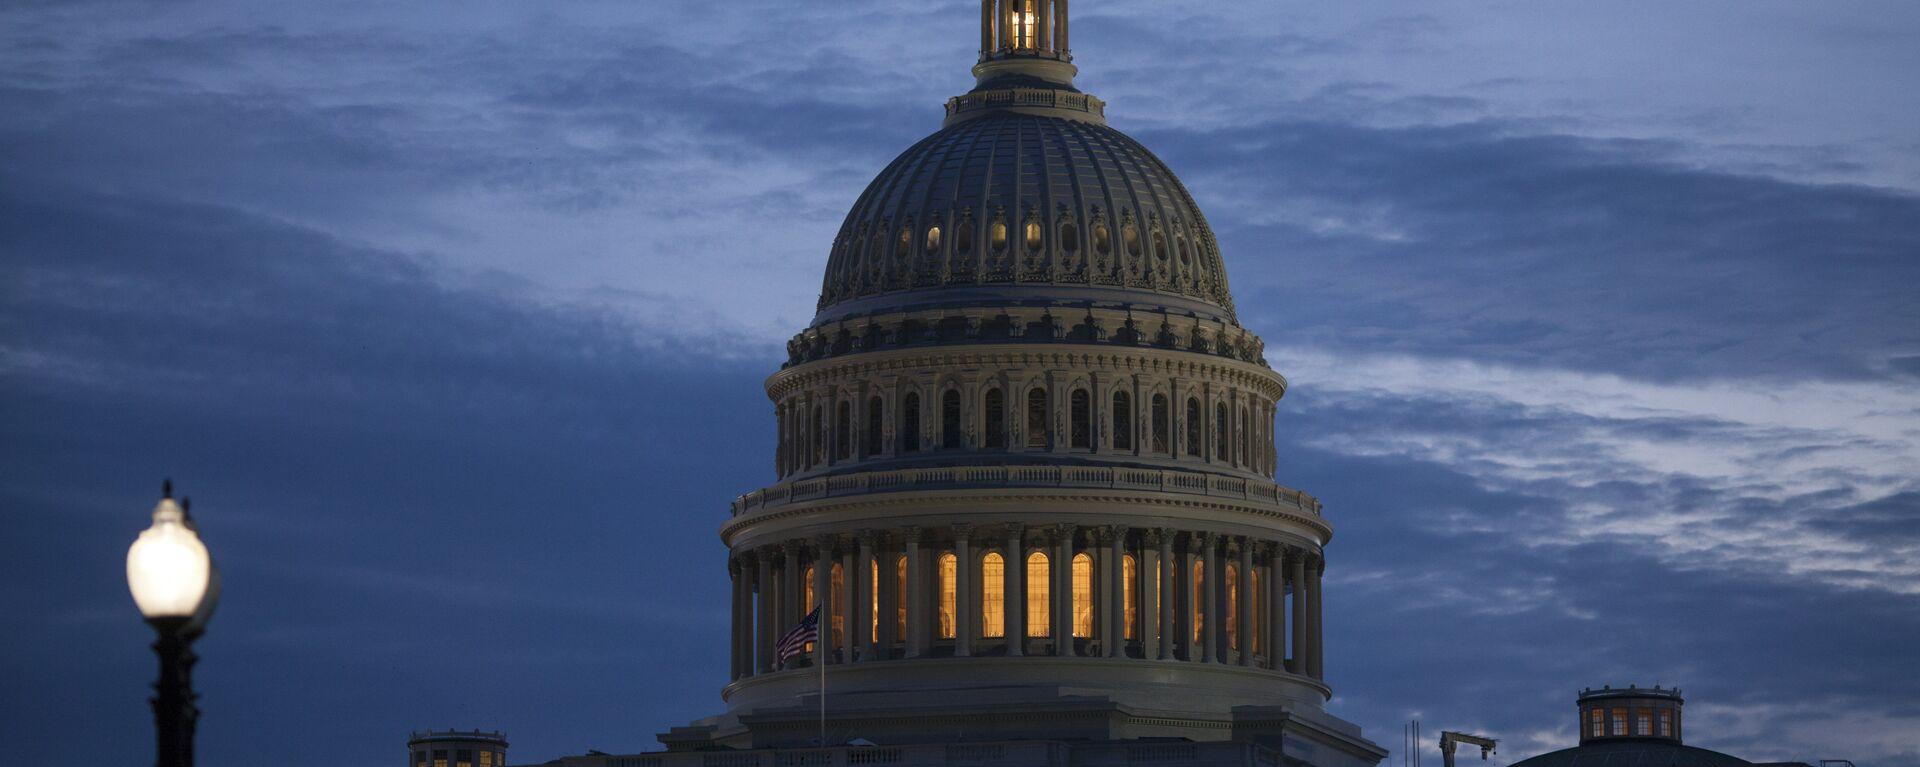 Senado de EEUU en Washington  - Sputnik Mundo, 1920, 05.10.2021